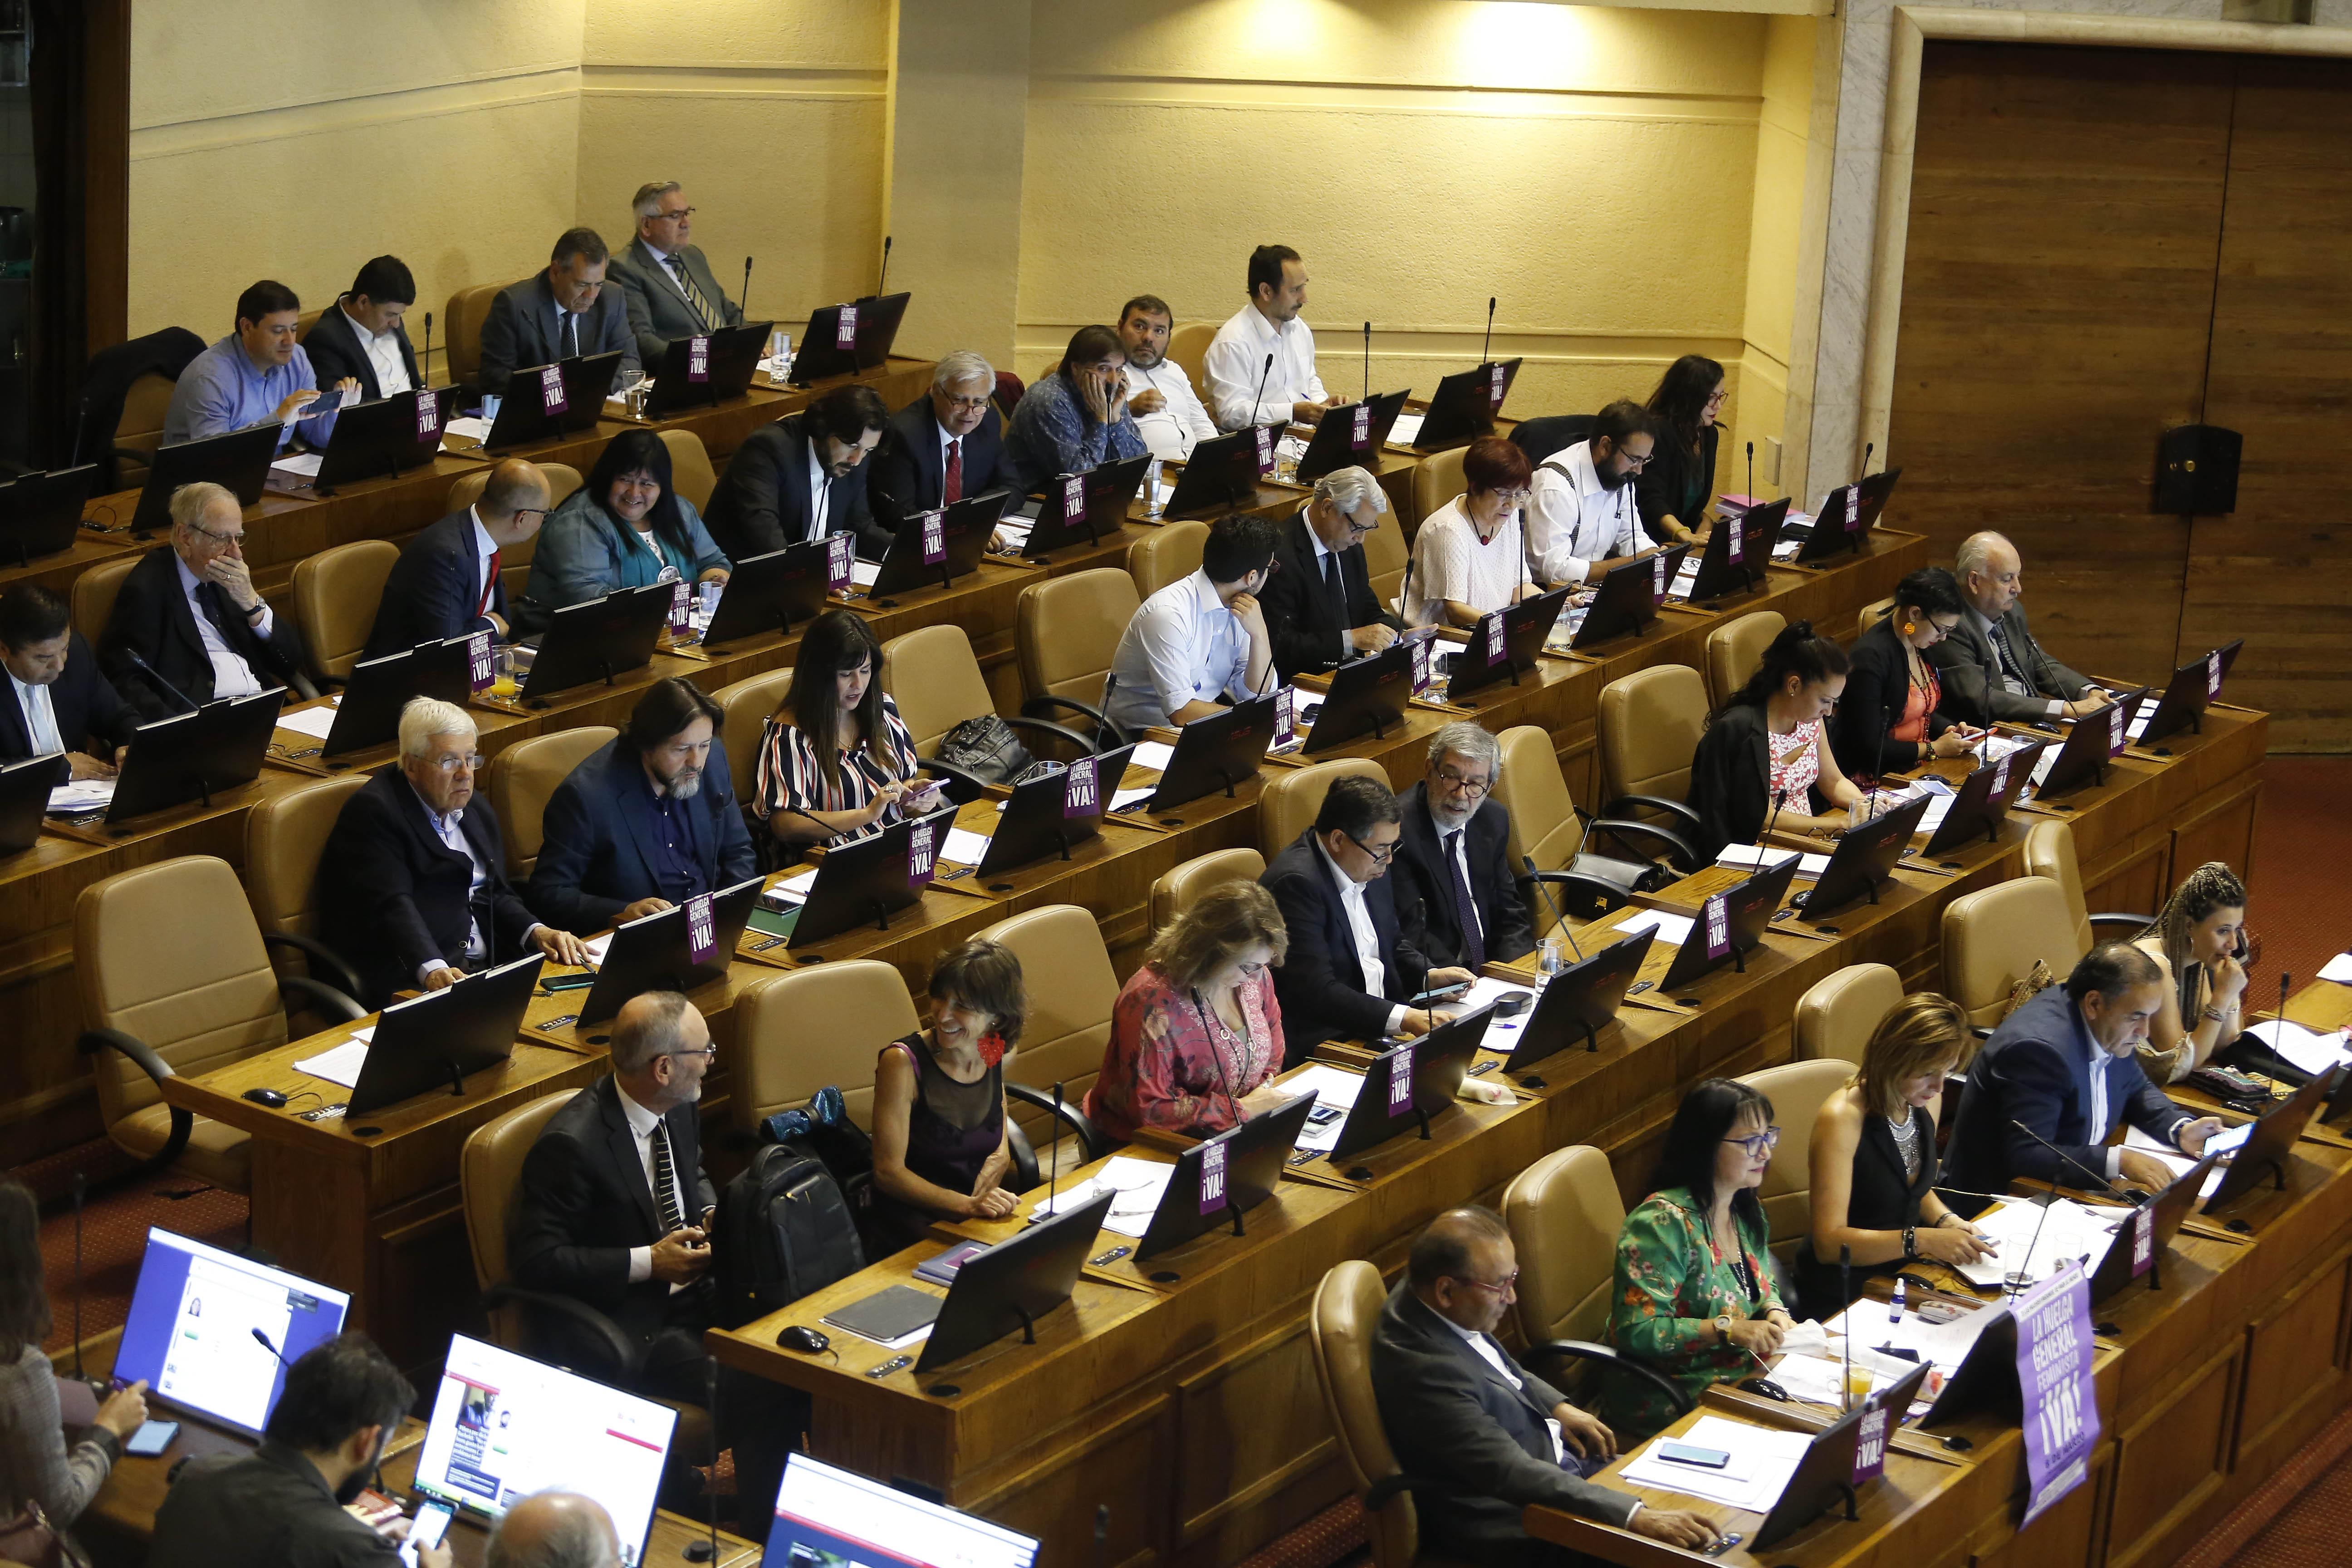 Auditoría a Cámara de Diputados cifró en $166 millones el exceso en pago de viáticos en 2018